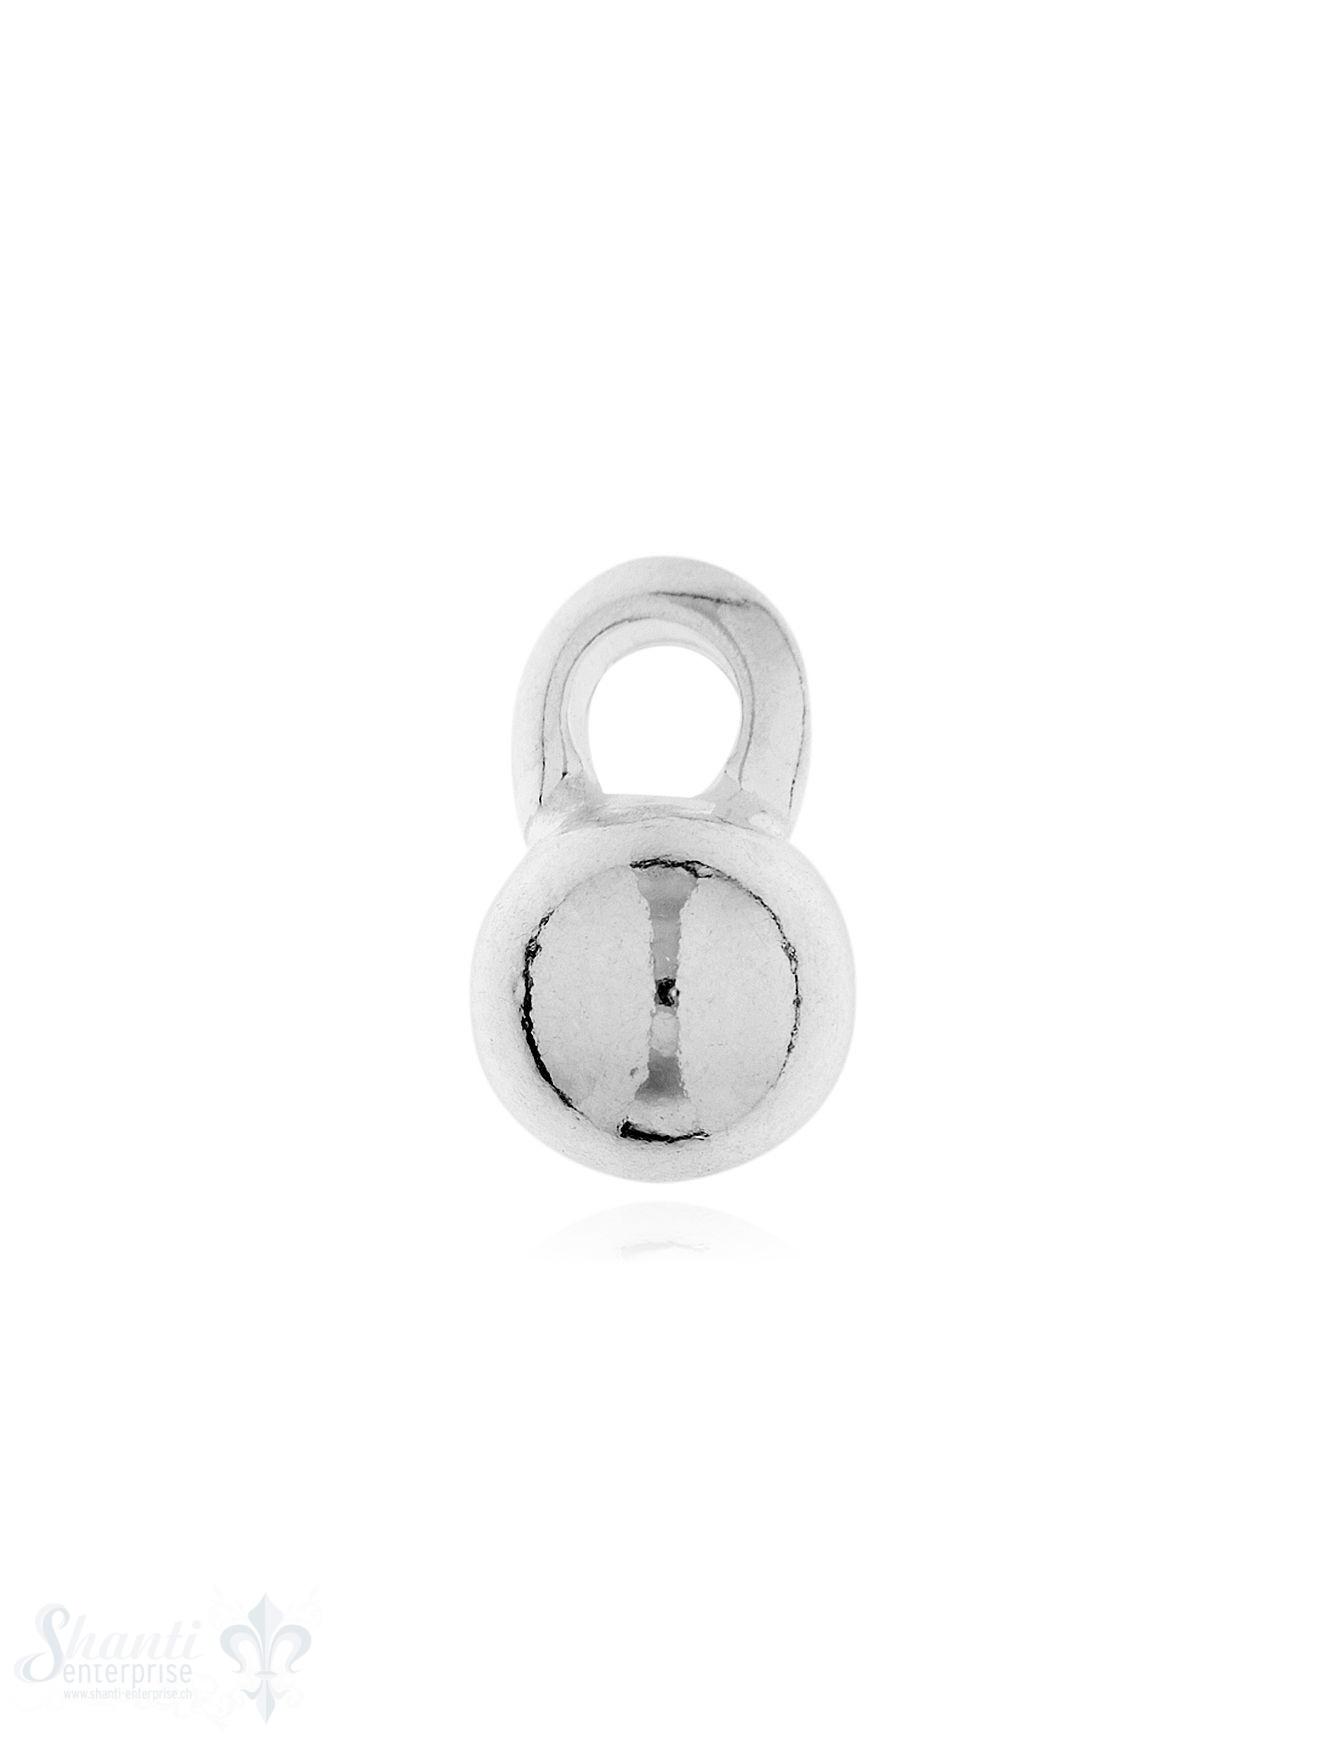 Anhänger Silber Kugel hell 8 mm mit Öse gross